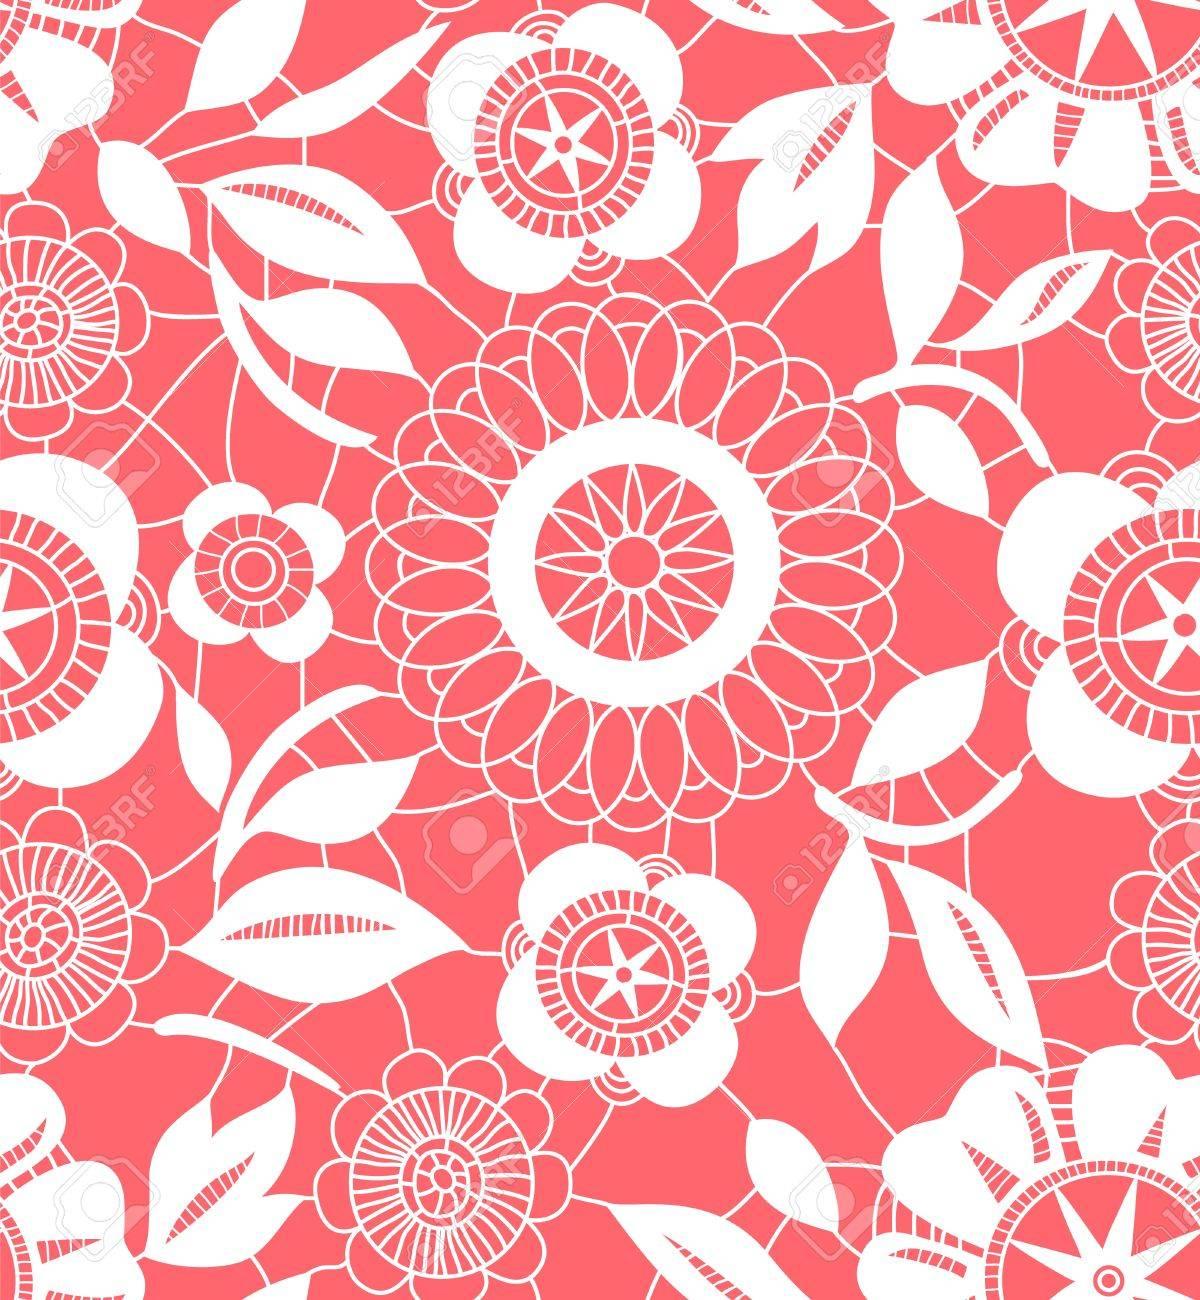 Rosa Und Weiße Blumen Häkeln Spitzen Nahtlose Muster Lizenzfrei